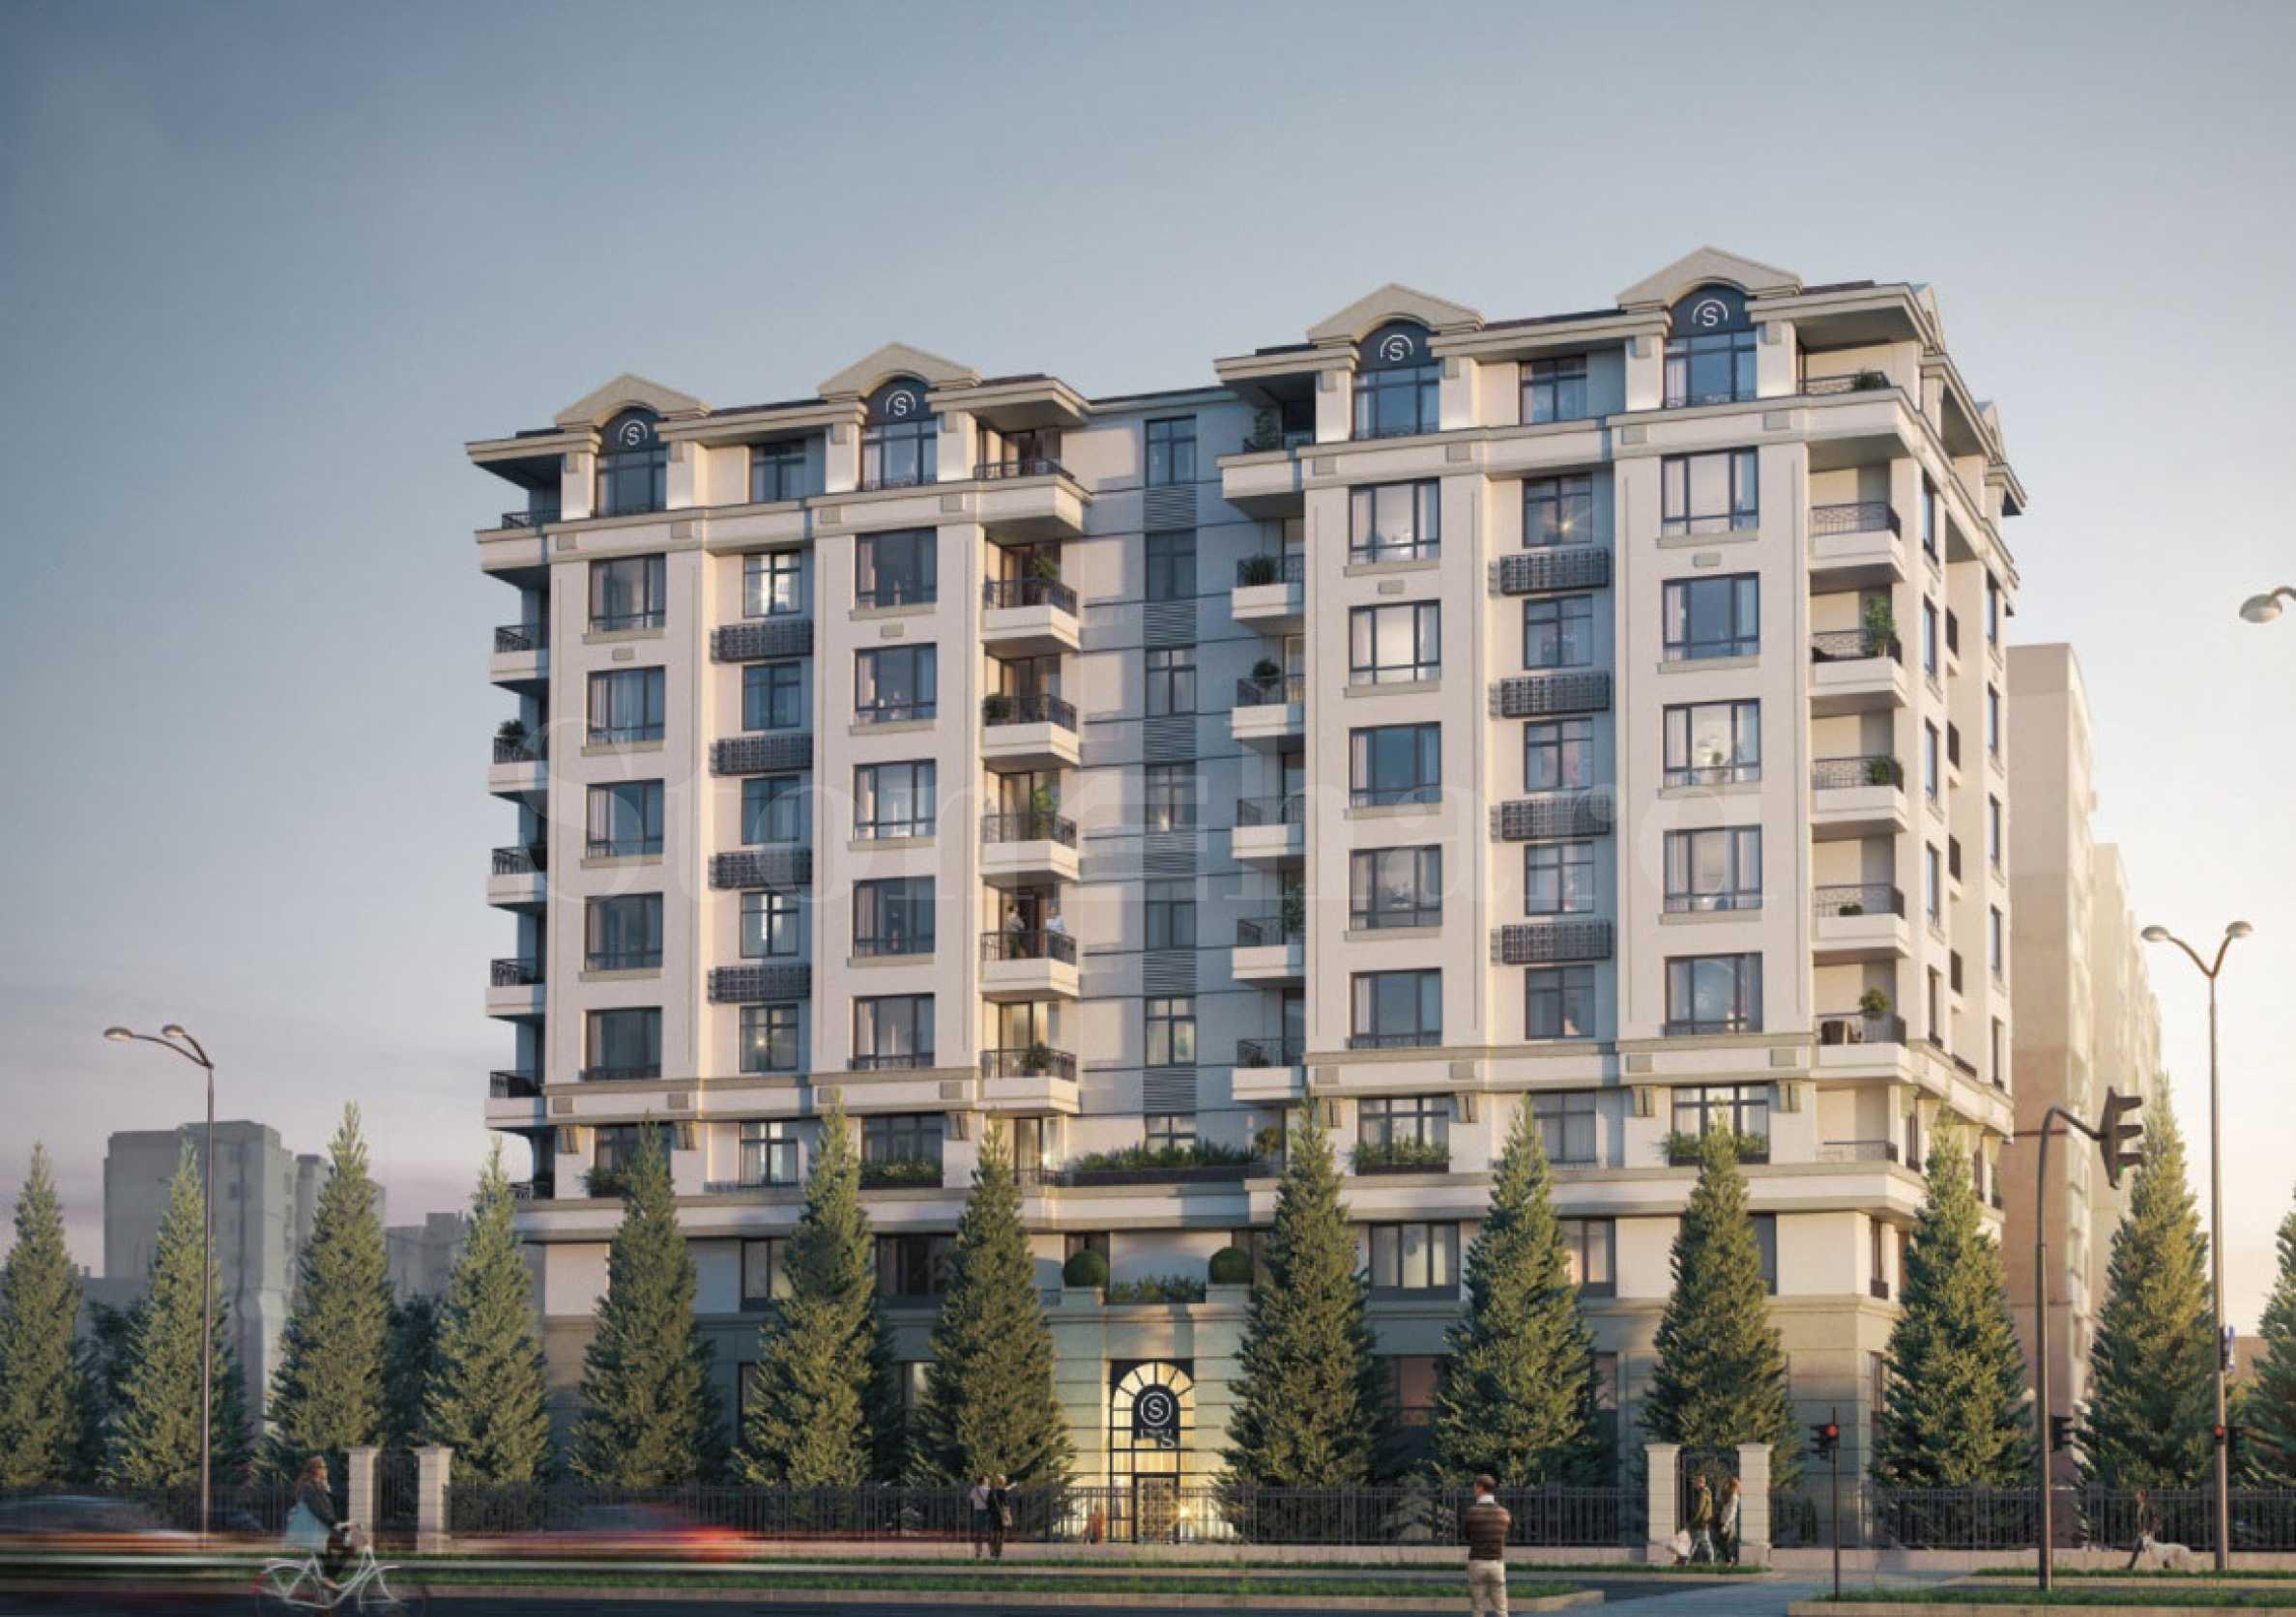 Сграда в непосредствена близост до метростанци, подходяща за инвестиция 1 - Stonehard